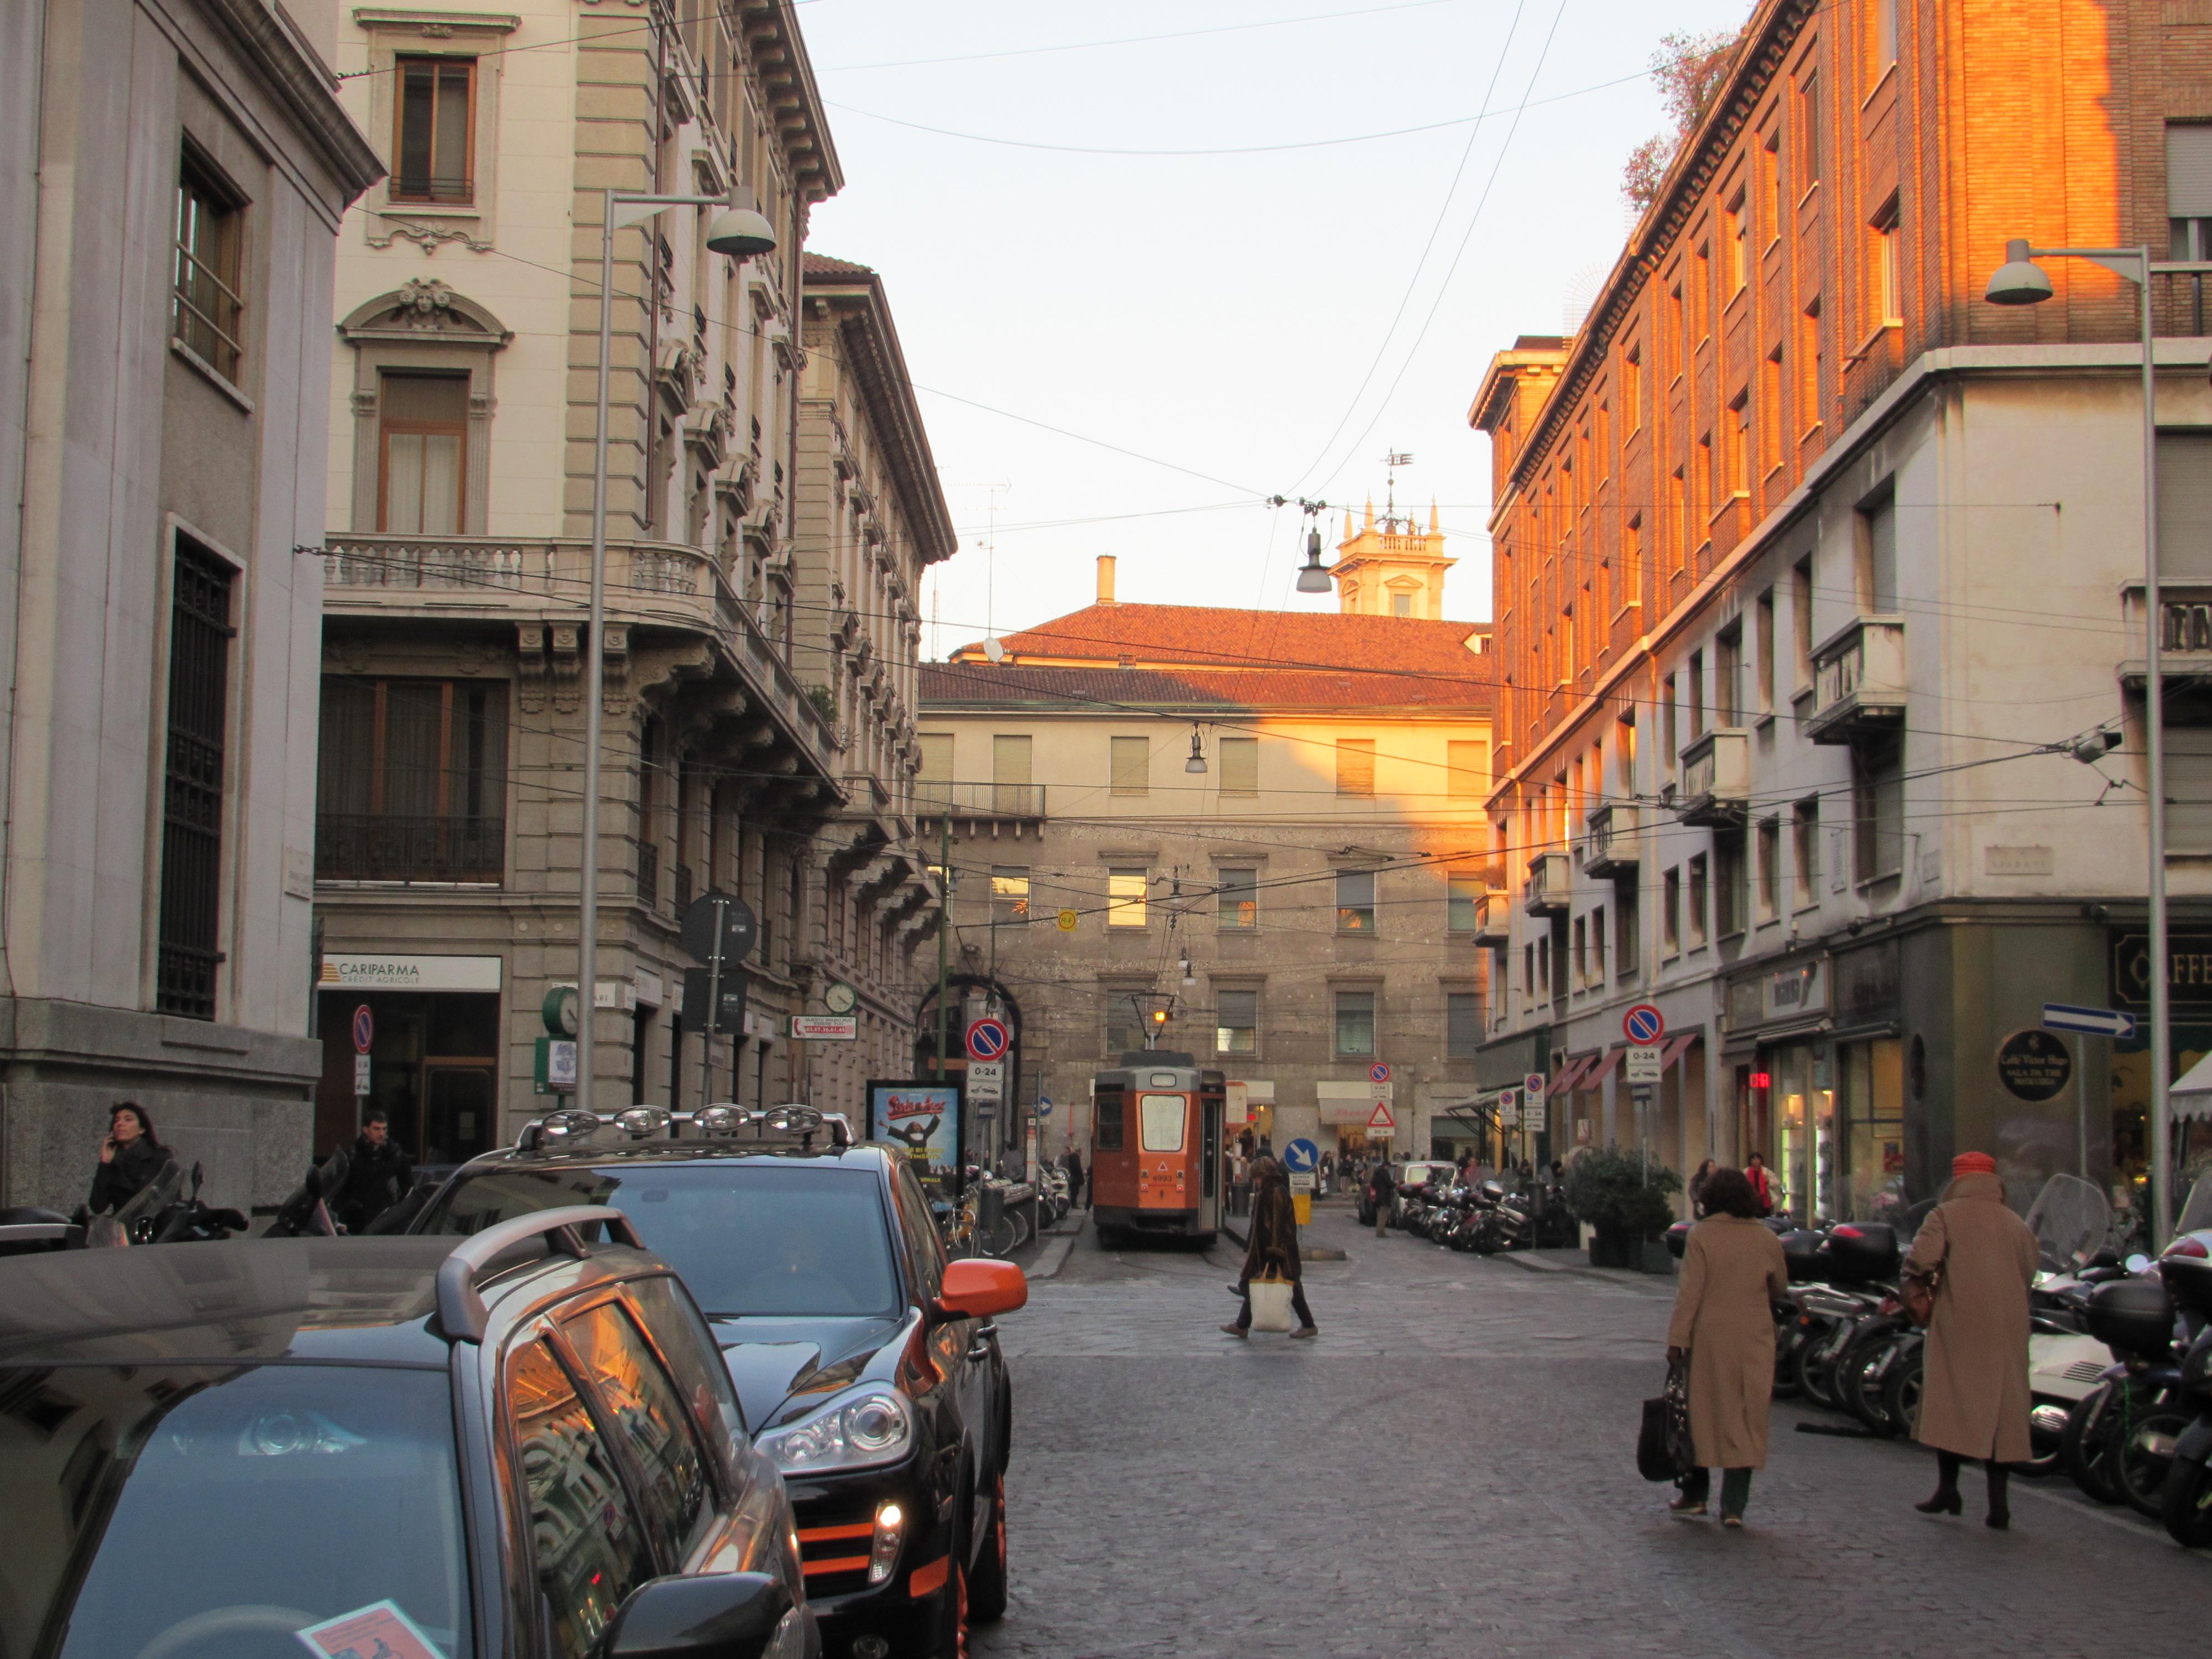 Via Cesare Cantu